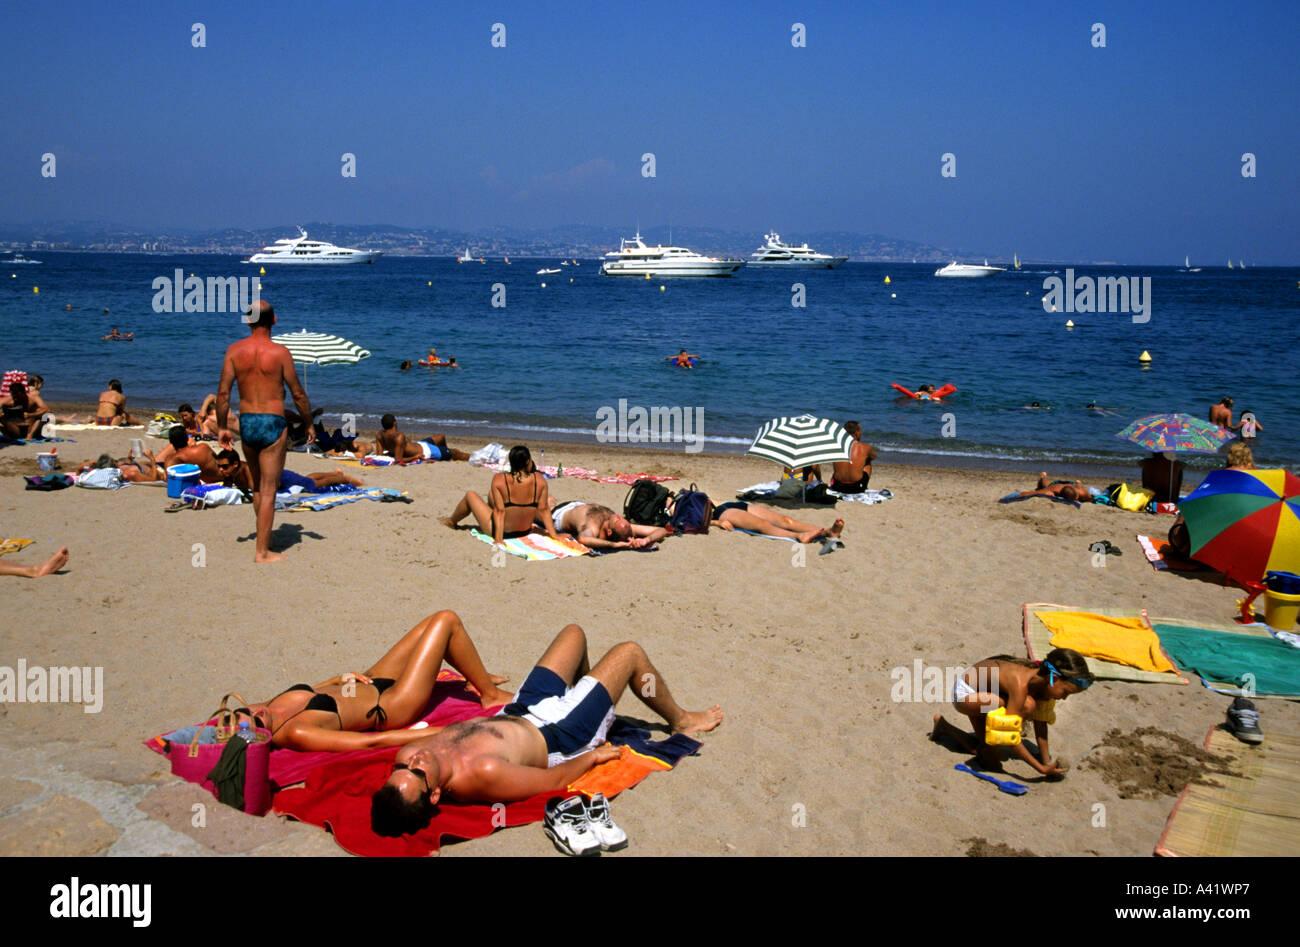 Plage de pampelonne c te d 39 azur saint tropez france beach stock photo 6232102 alamy - Plage de saint tropez ...